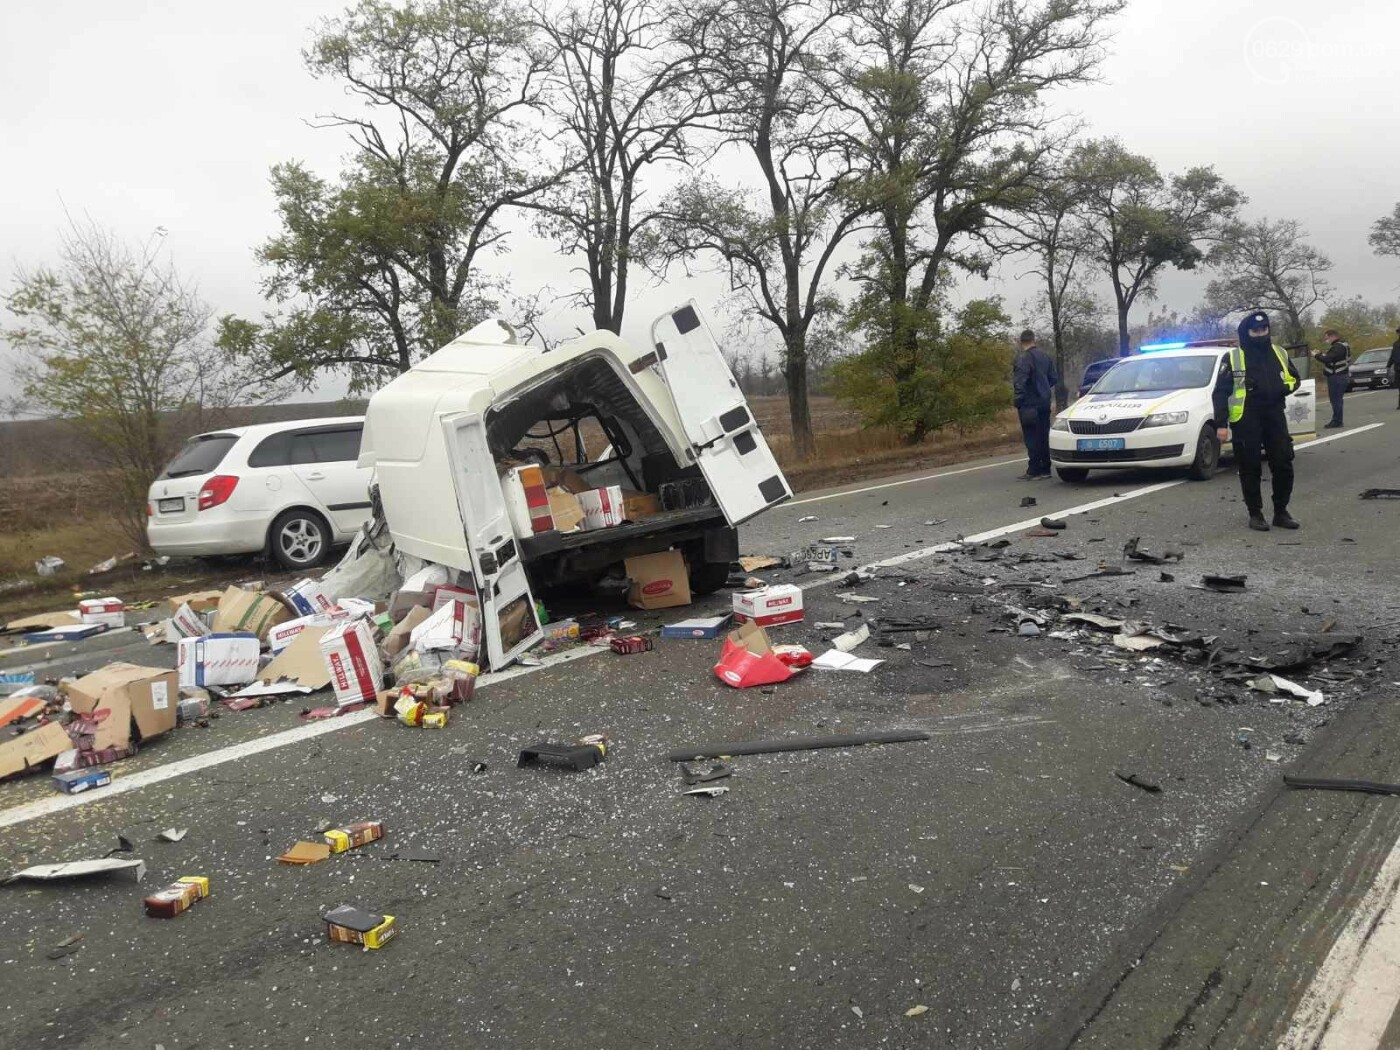 Автомобили вдребезги. В аварии на трассе под Мариуполем погибли два водителя, - ФОТО 18+, фото-11